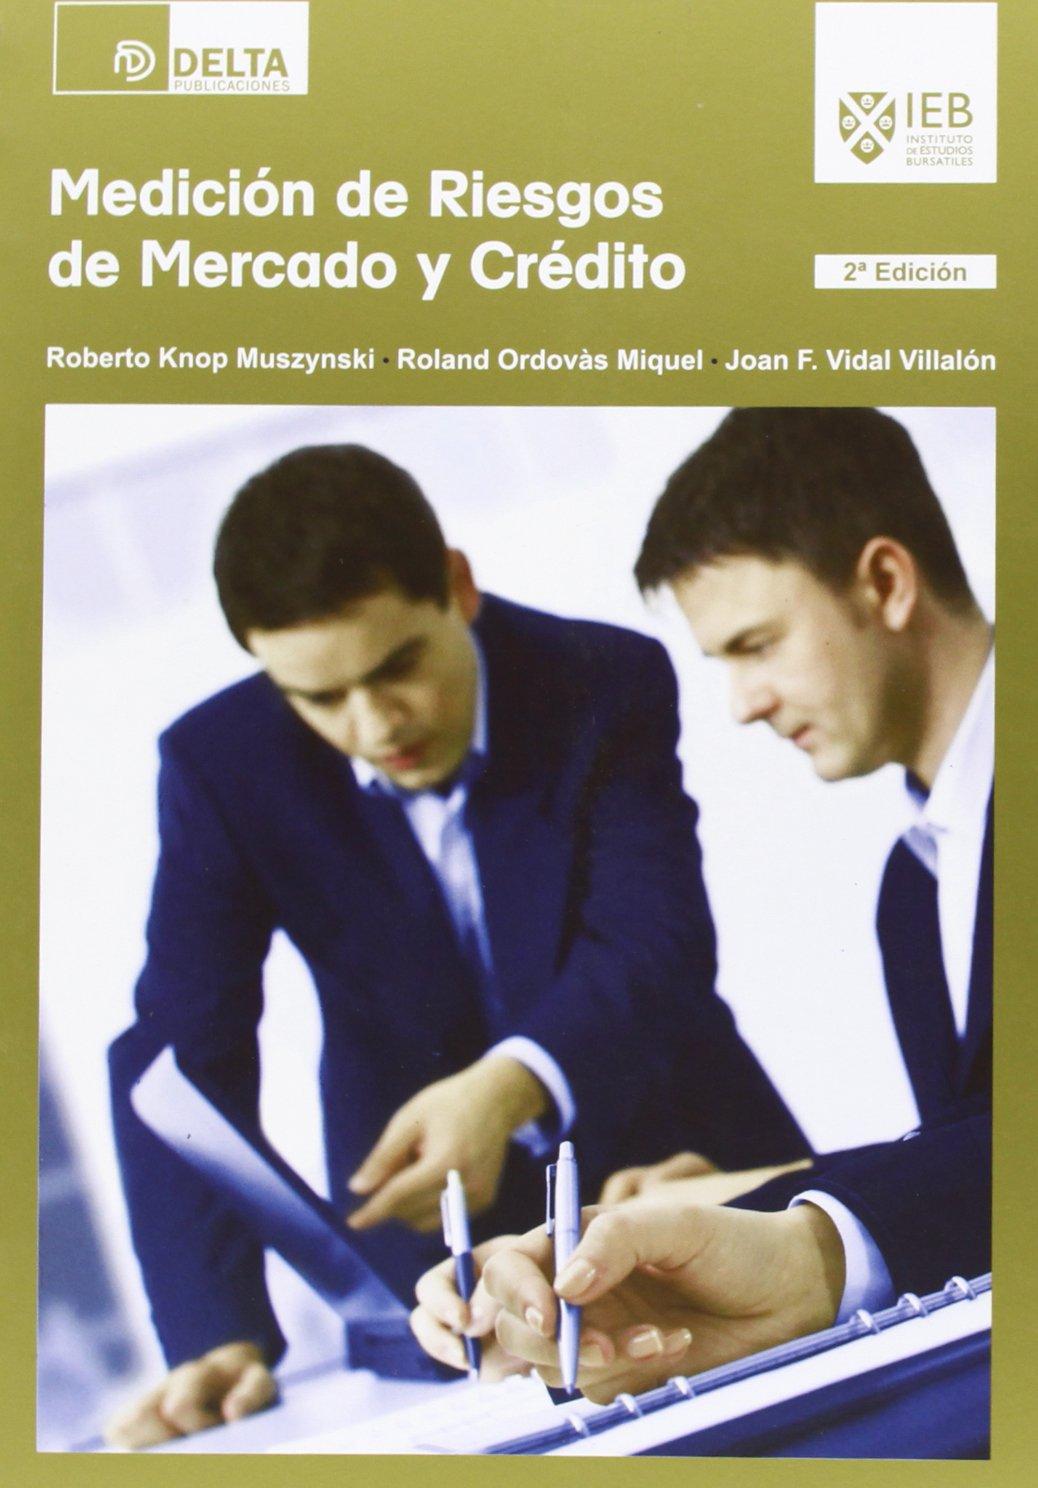 Medición de riesgos de mercado y crédito: Amazon.es: Roberto Knop Muszynski, Roland Ordovàs Miquel, Joan Francesc Vidal Villalon: Libros